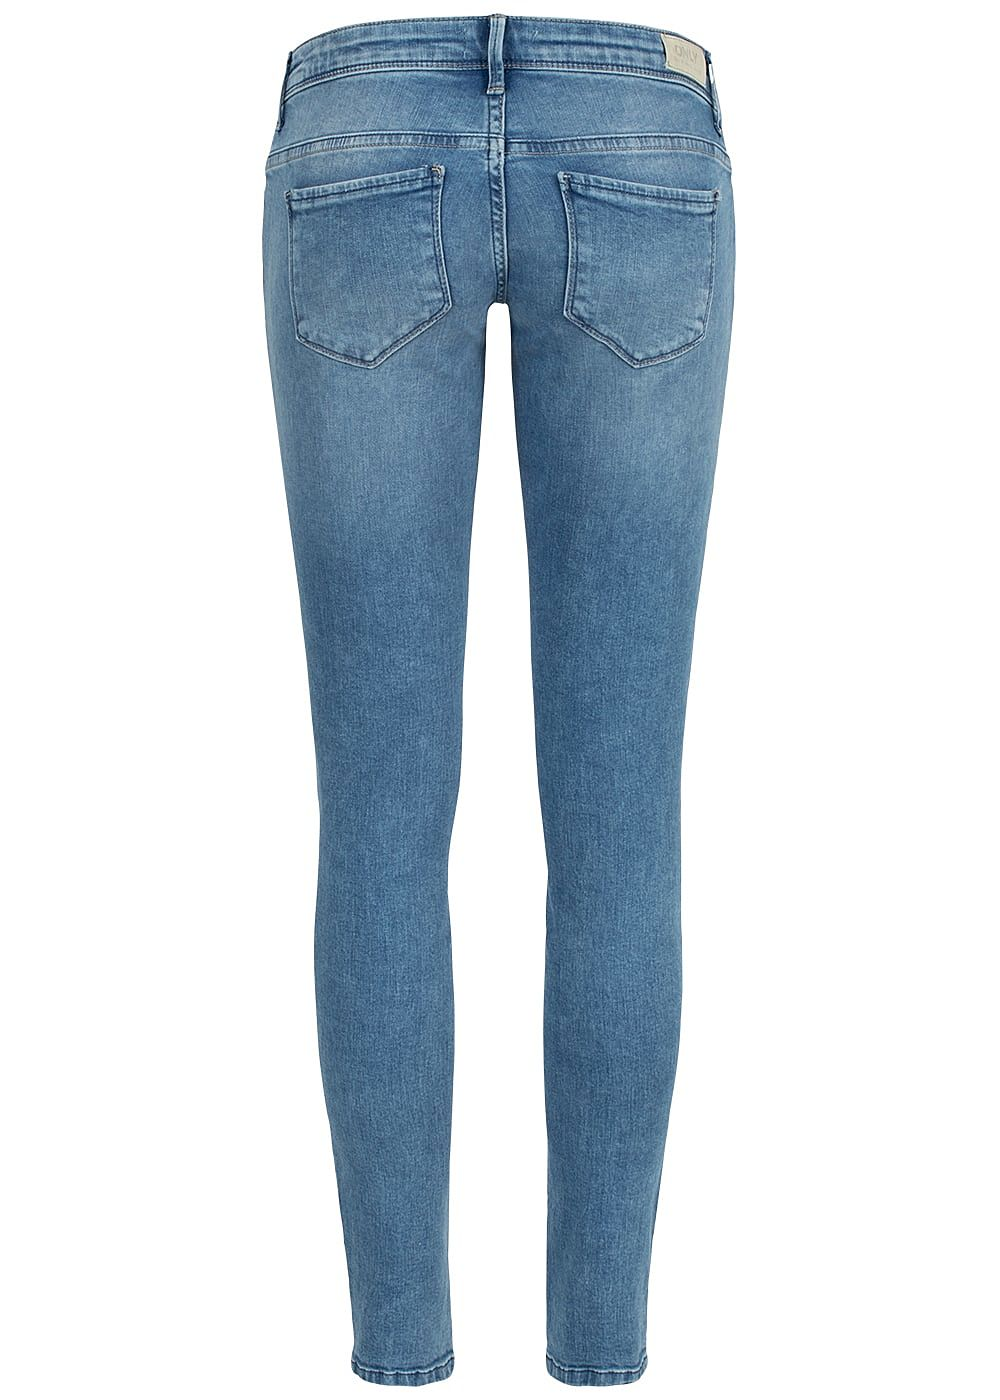 only damen skinny jeans hose super low waist 5 pockets. Black Bedroom Furniture Sets. Home Design Ideas